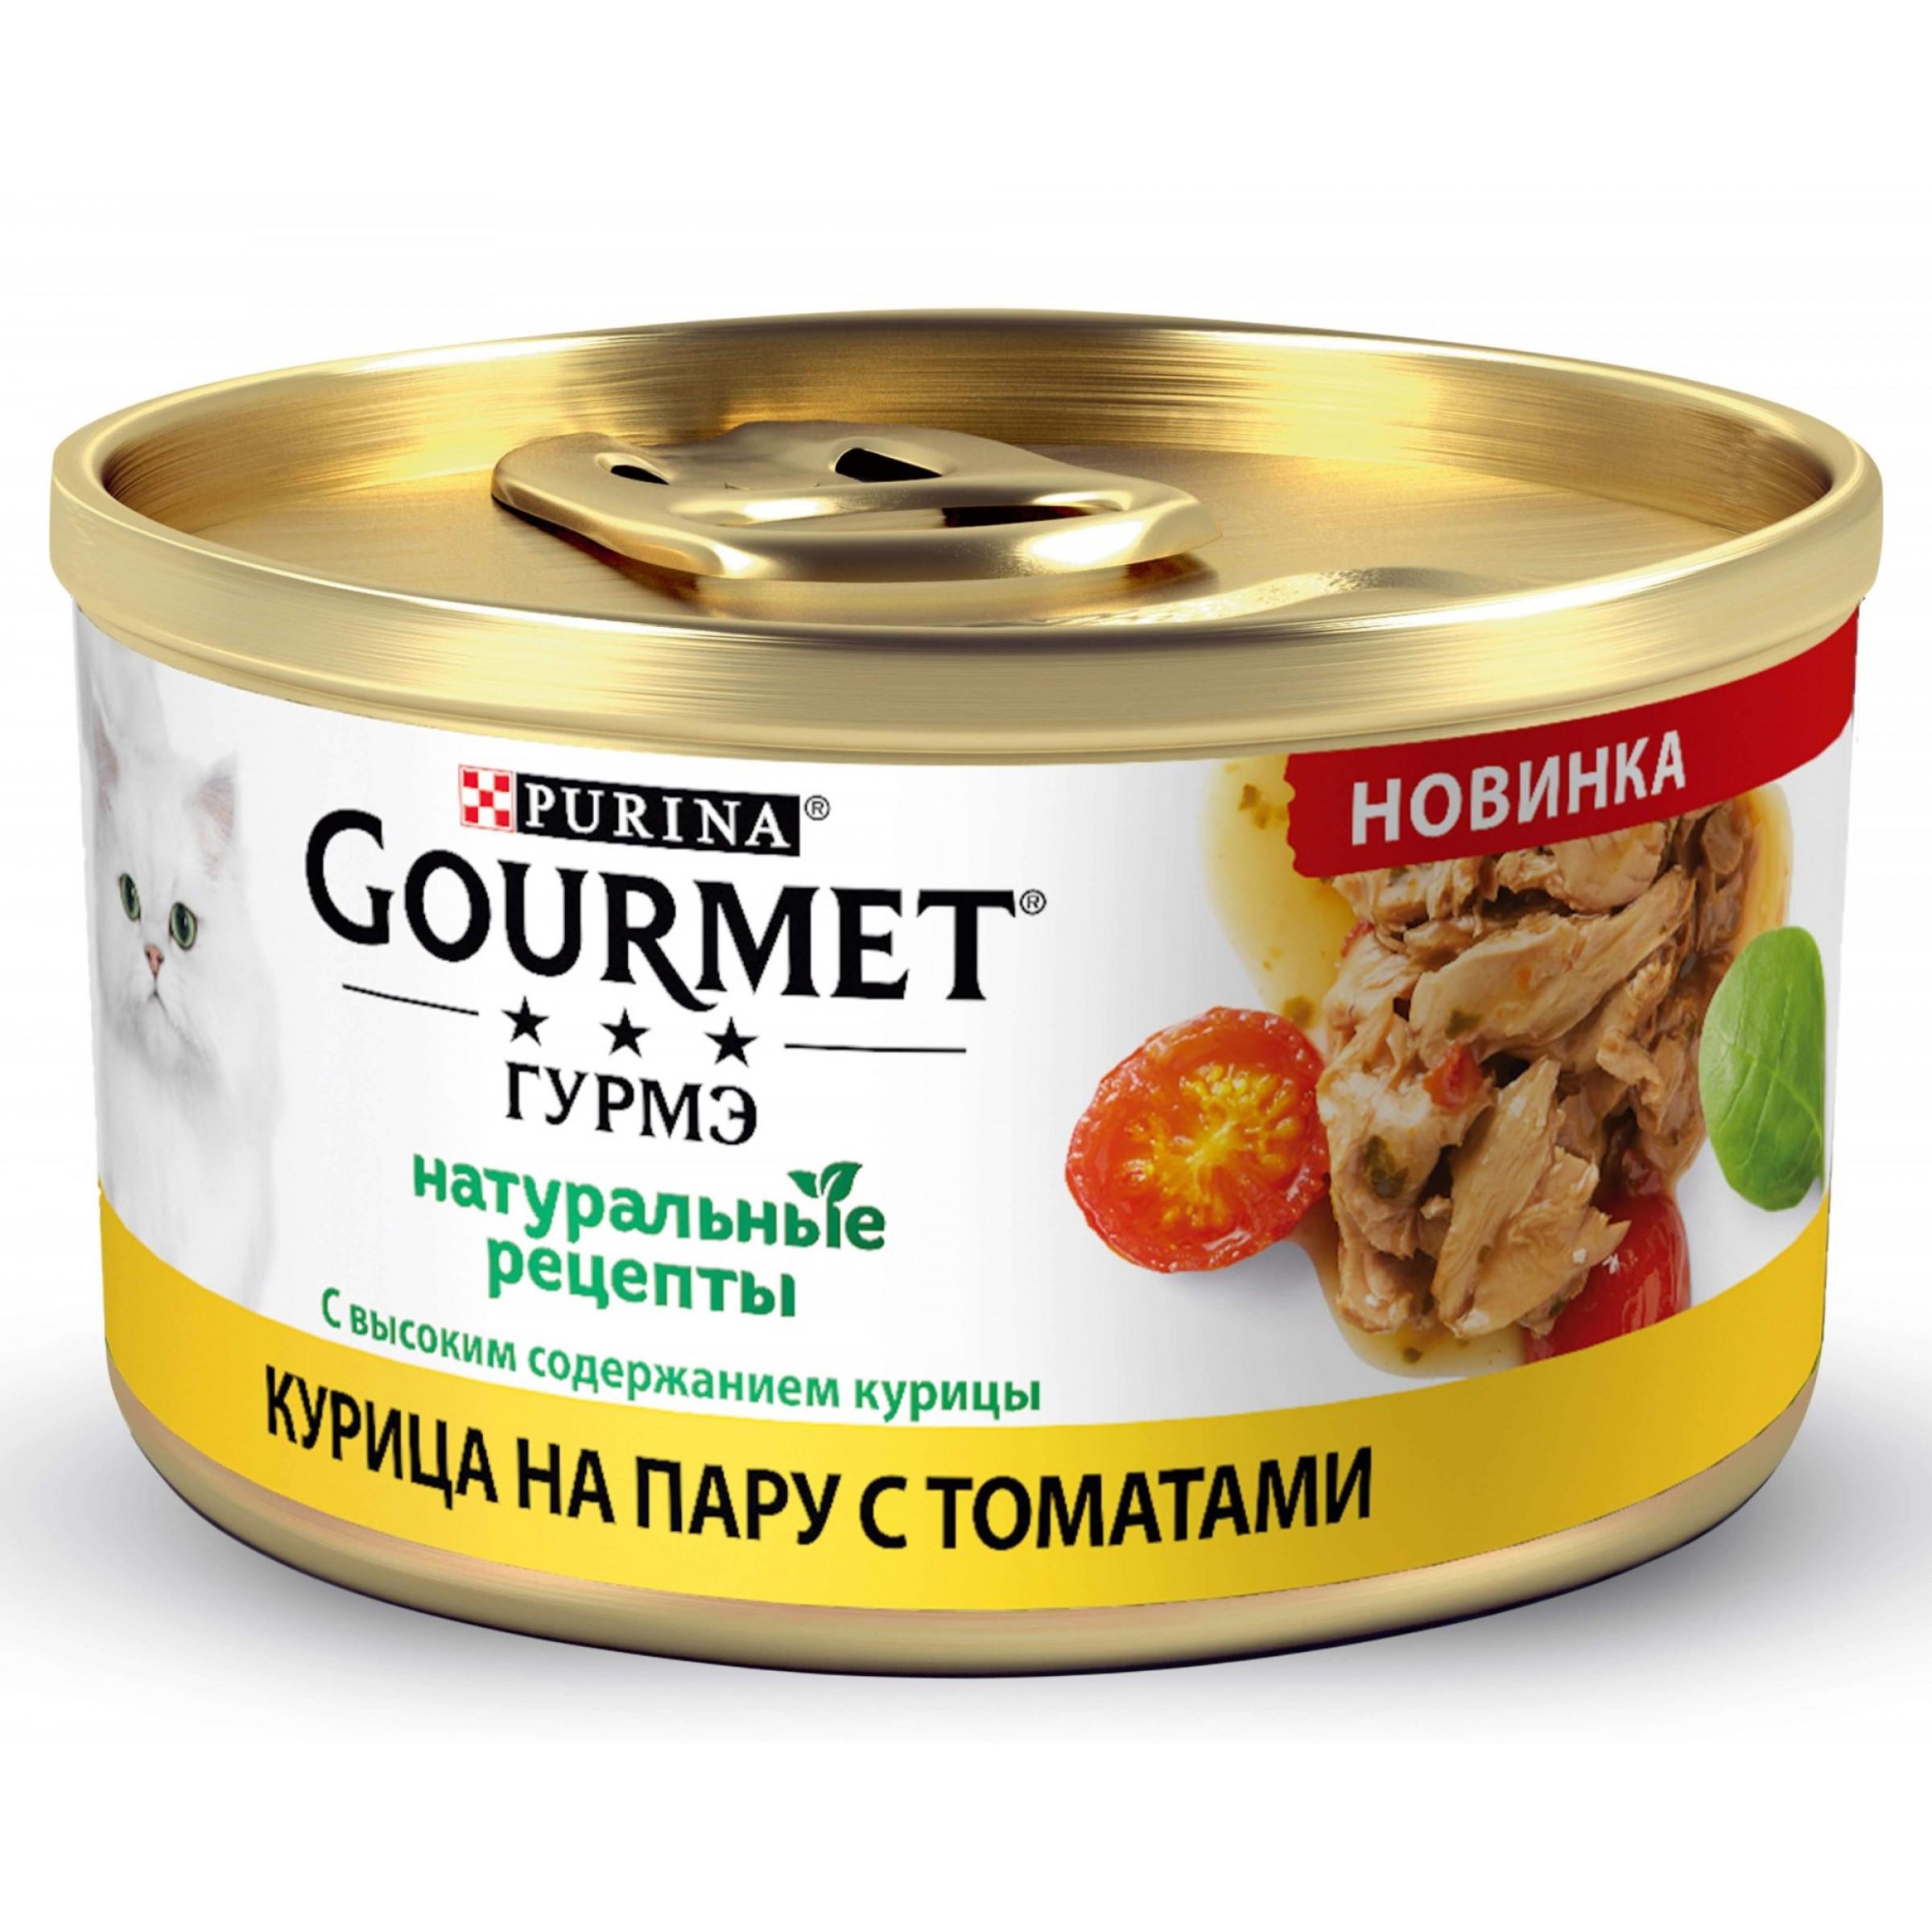 Консервы Gourmet Гурмэ Натуральные рецепты для кошек с курицей на пару и томатами, банка 85 г